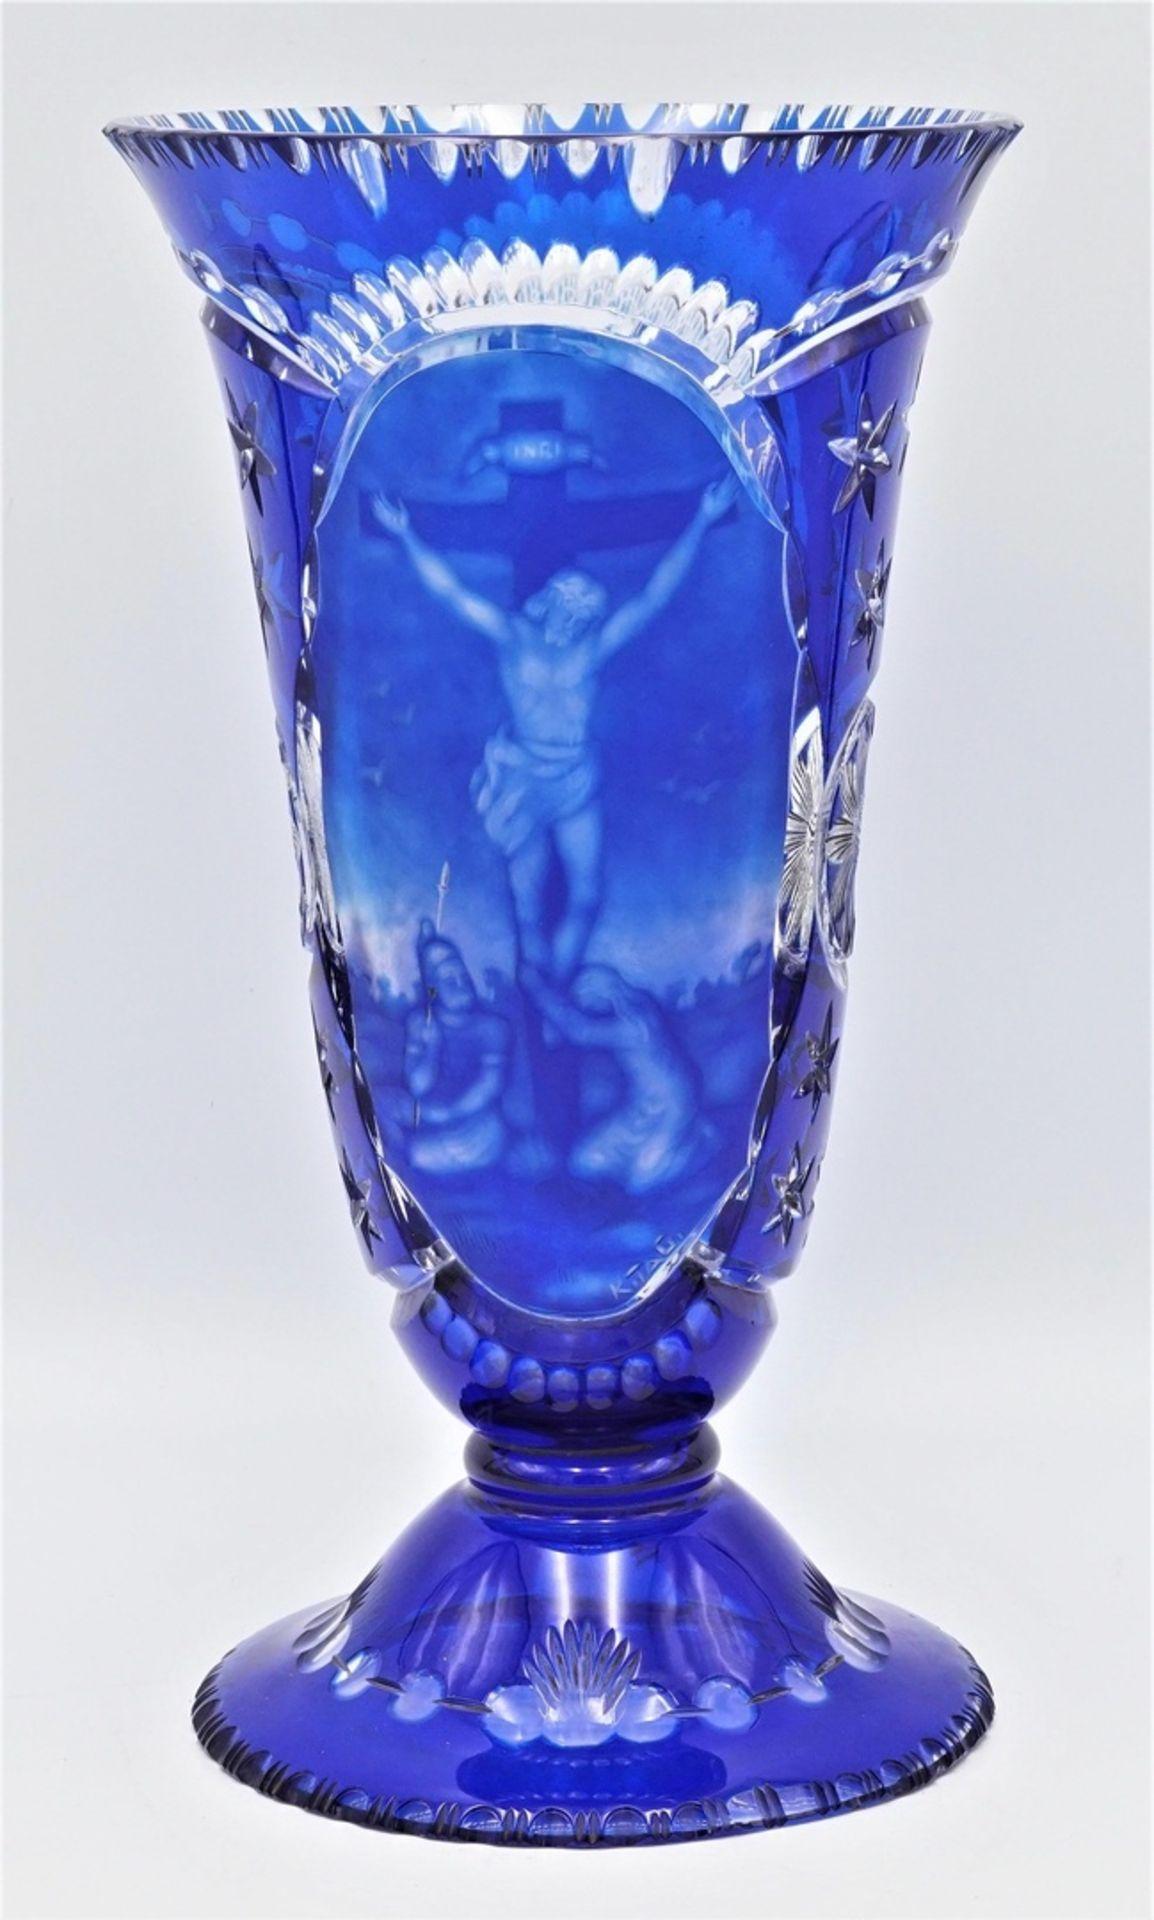 Vase mit religiösen Darstellungen